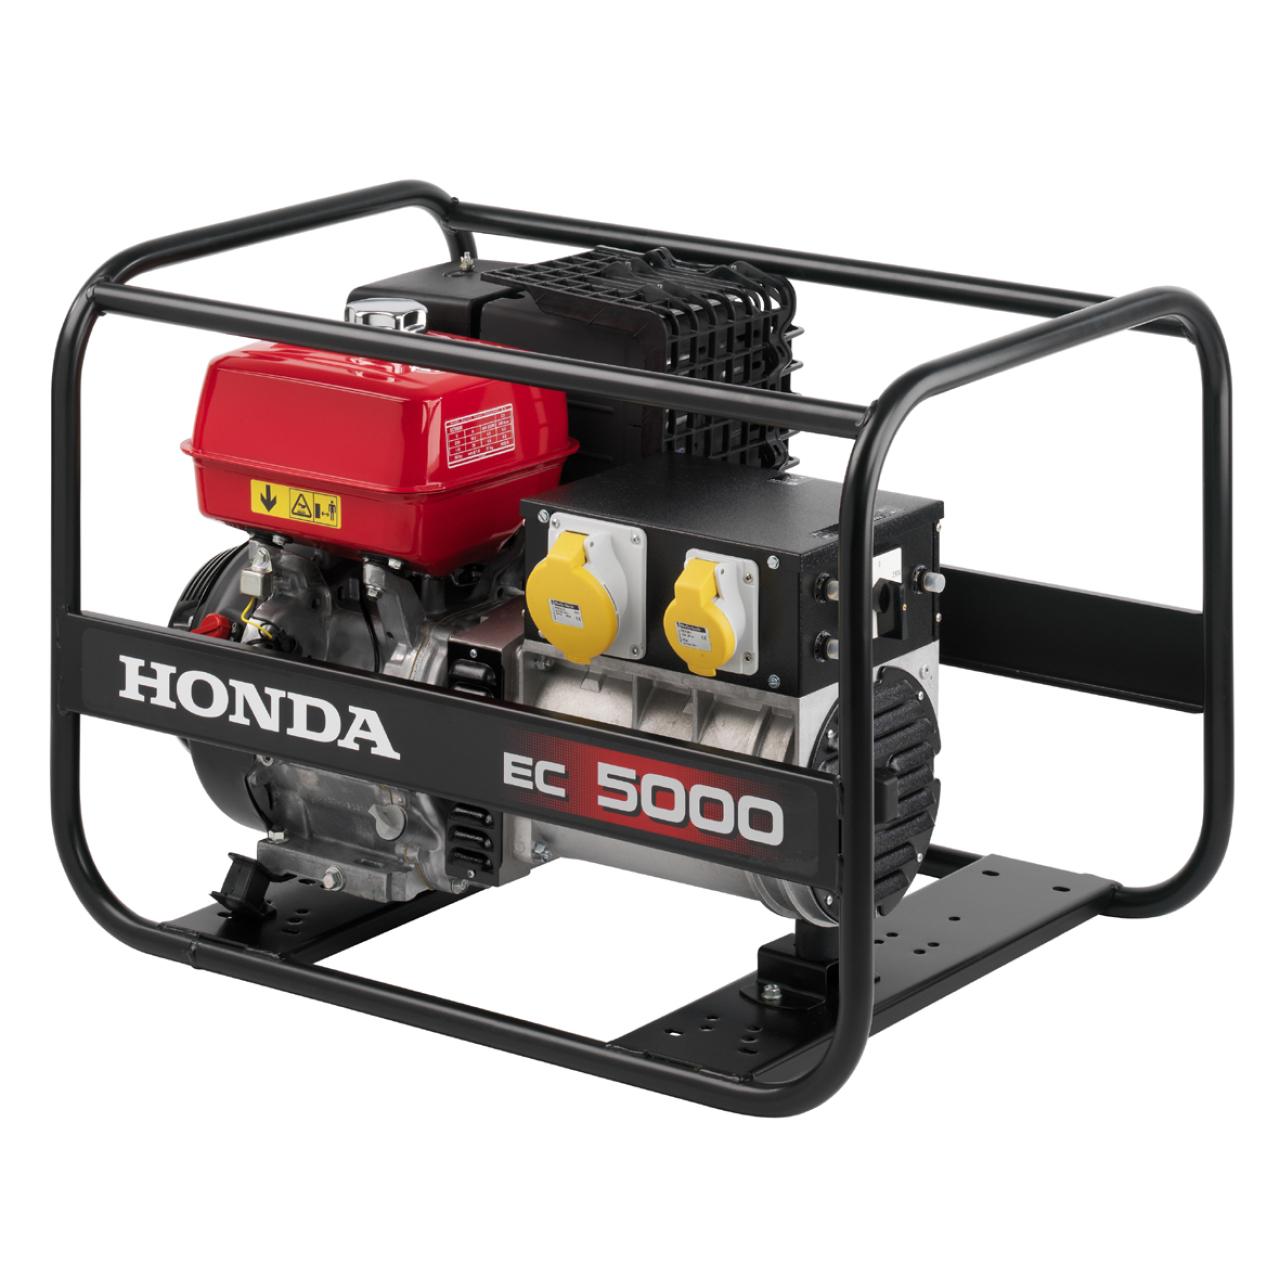 Stromerzeuger EC 5000